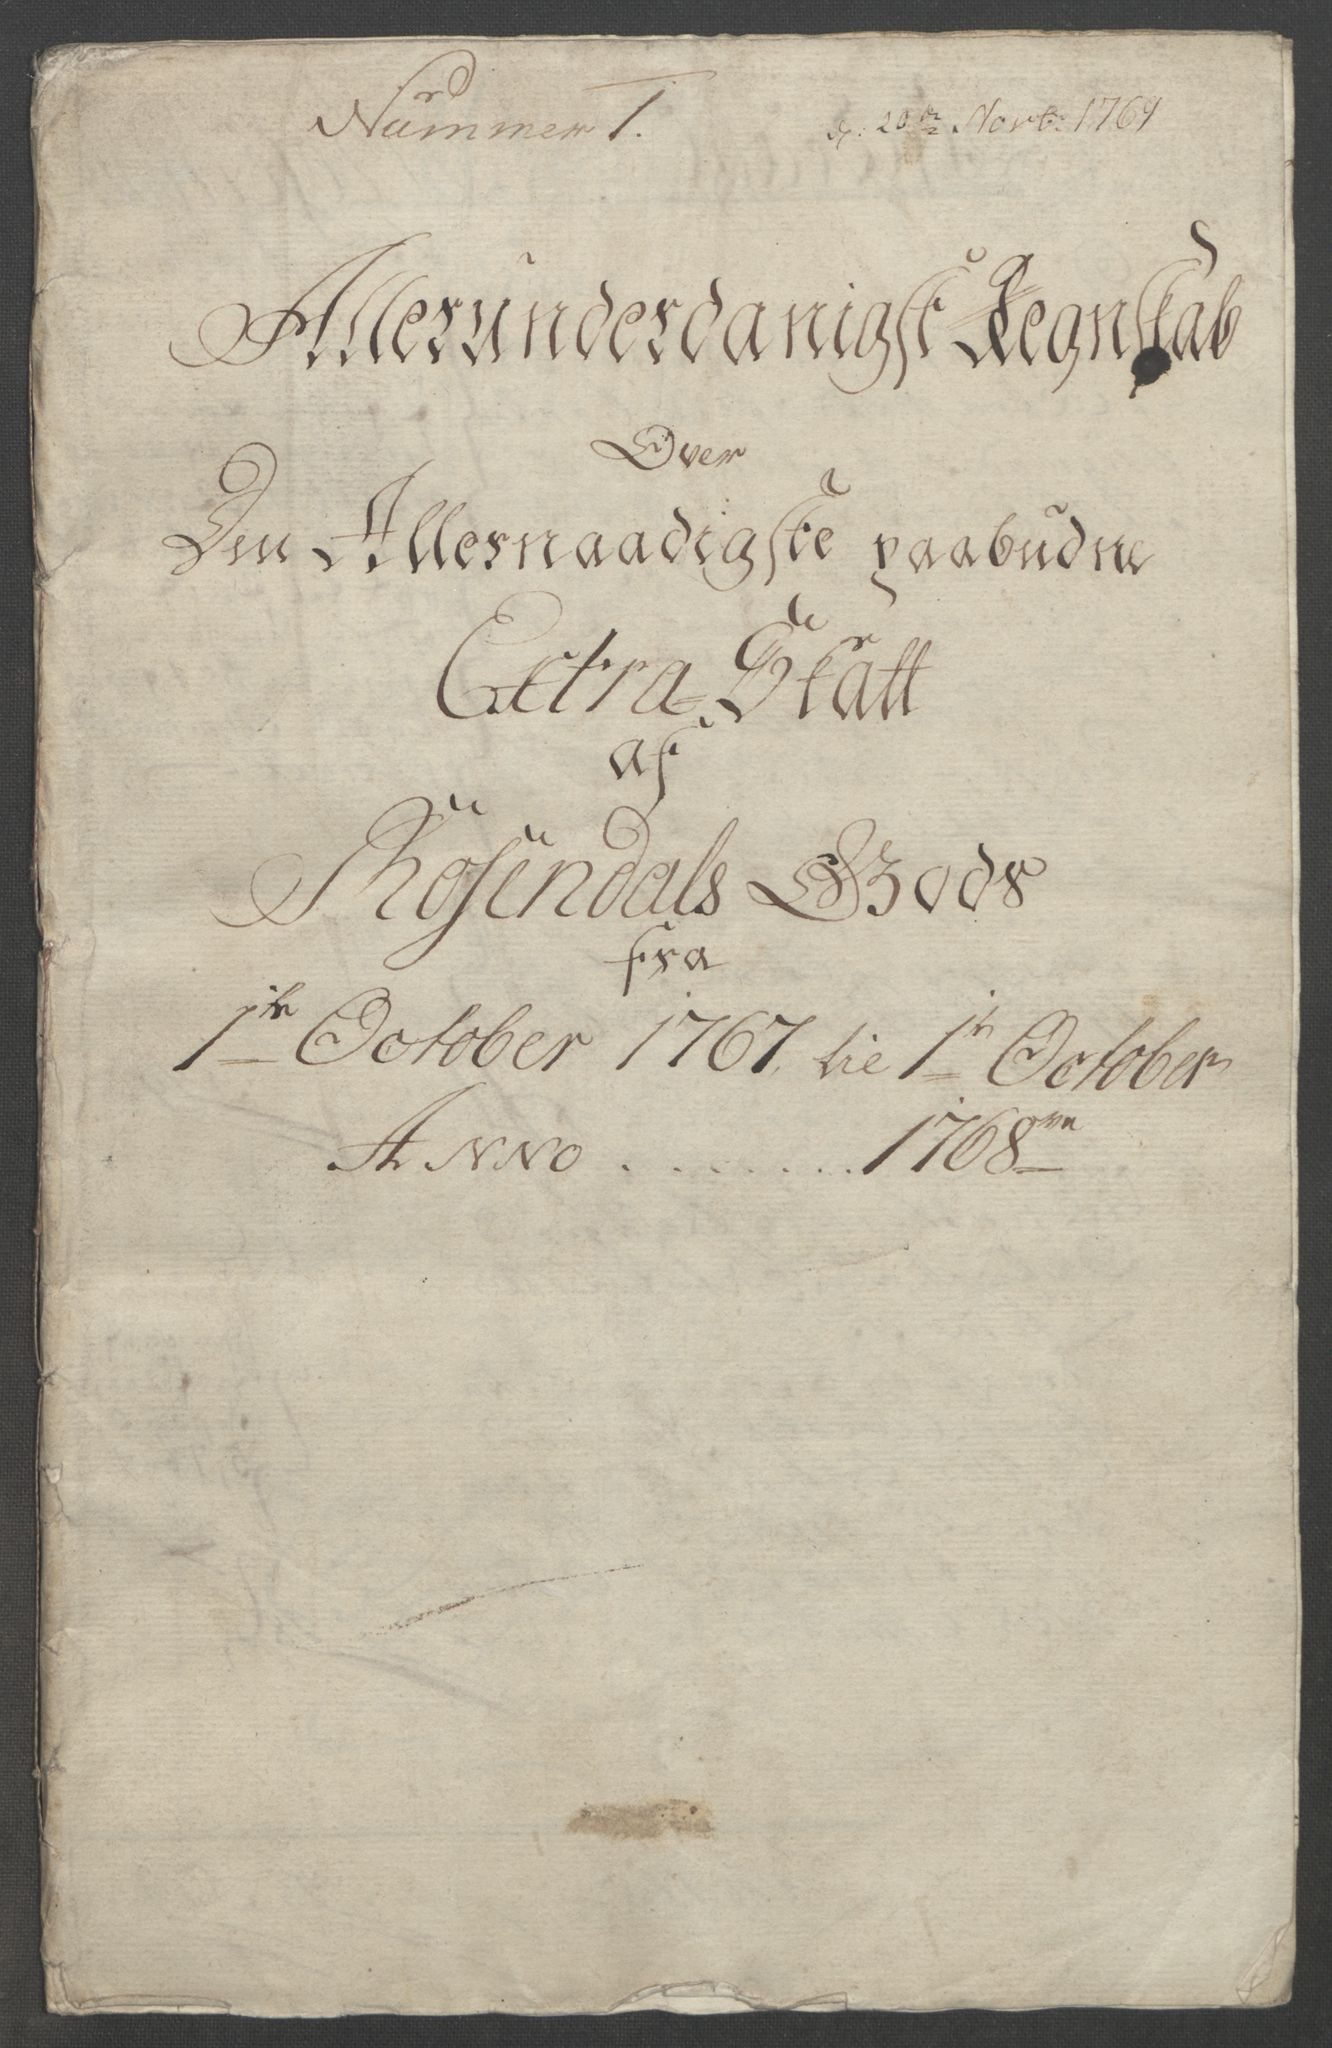 RA, Rentekammeret inntil 1814, Reviderte regnskaper, Fogderegnskap, R49/L3157: Ekstraskatten Rosendal Baroni, 1762-1772, s. 200